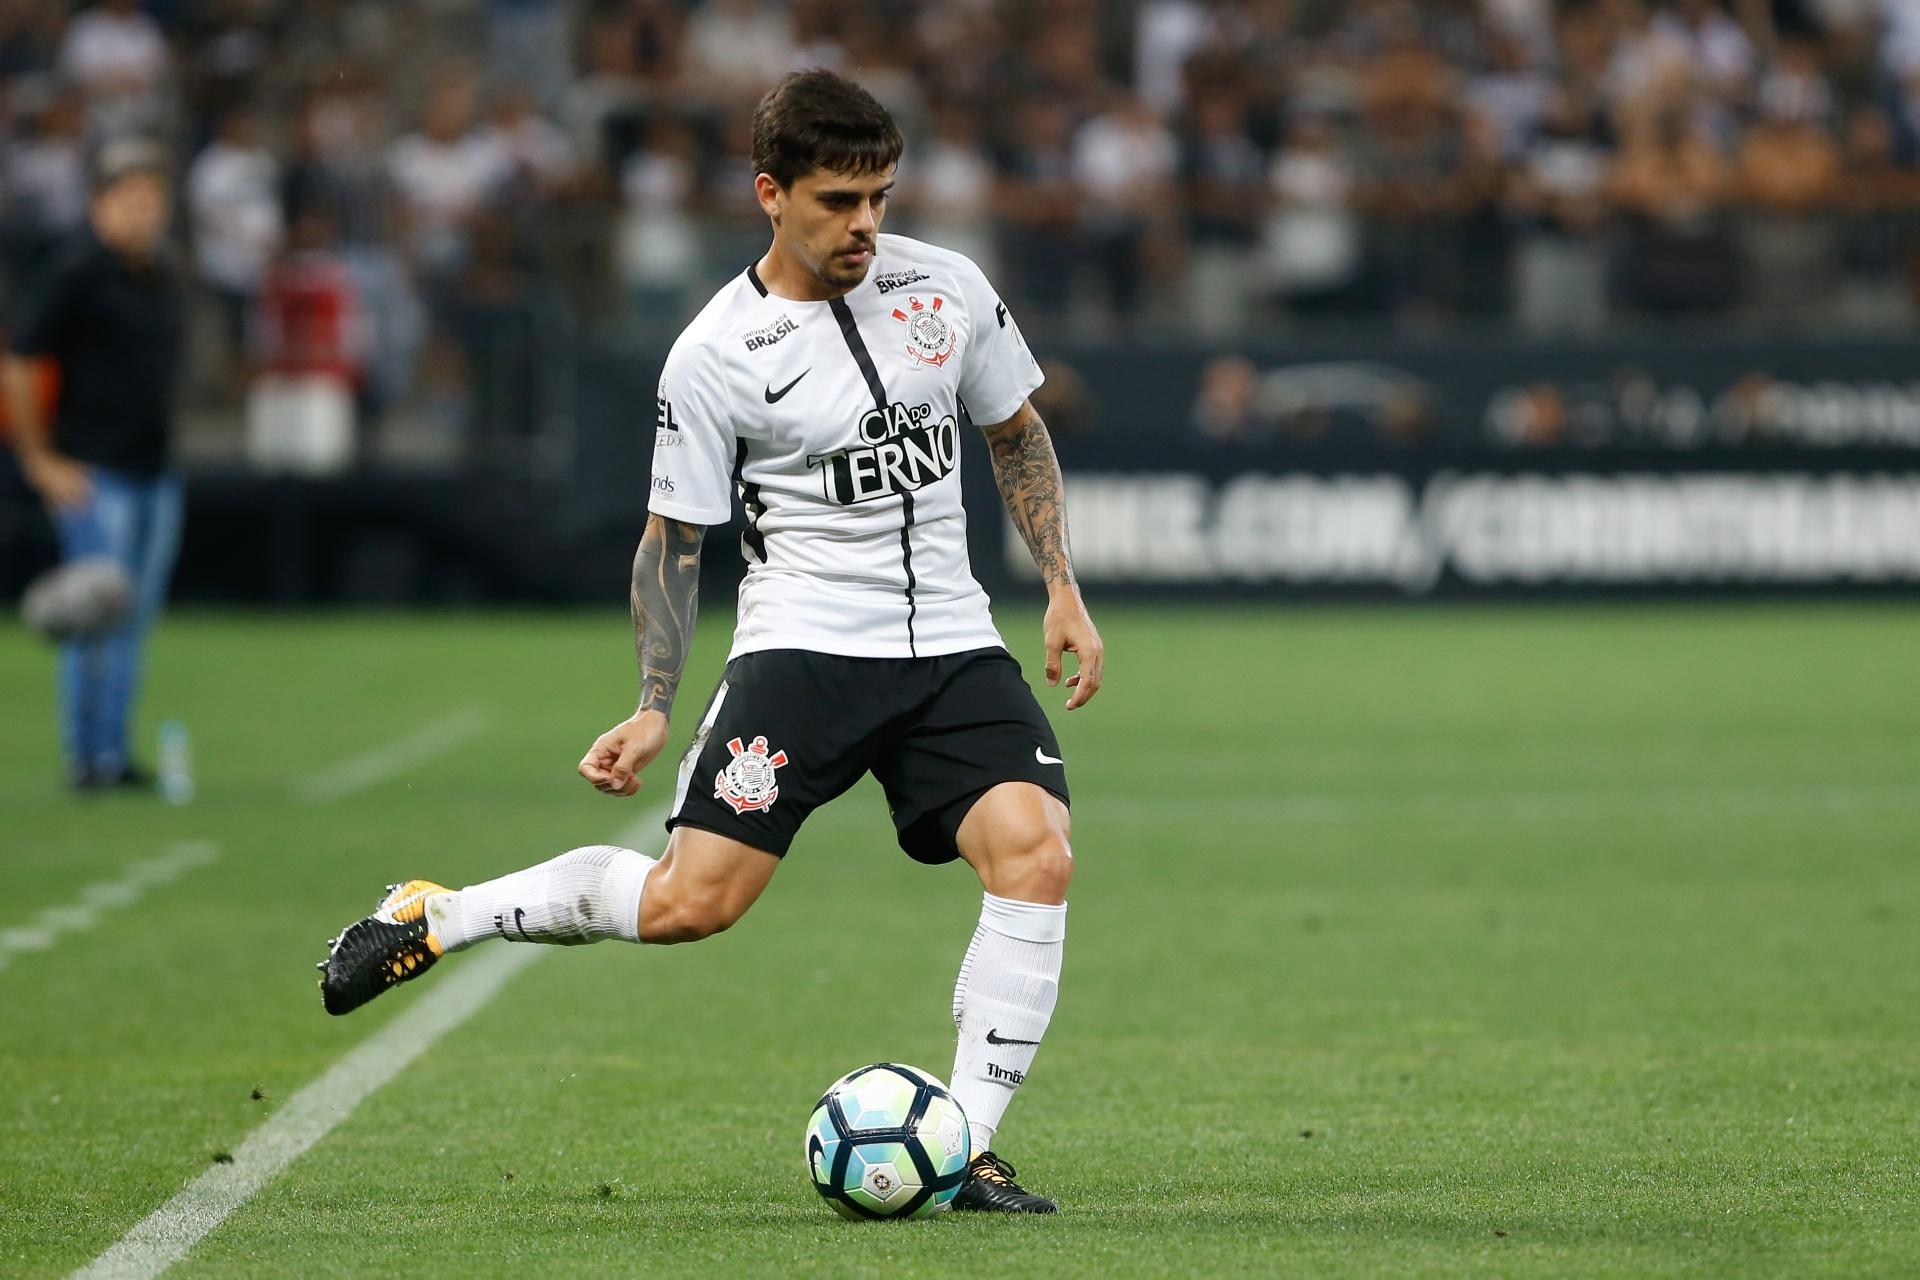 Corinthians prolonga parceria para espaço master até o fim da temporada -  01 11 2017 - UOL Esporte a72654425239d